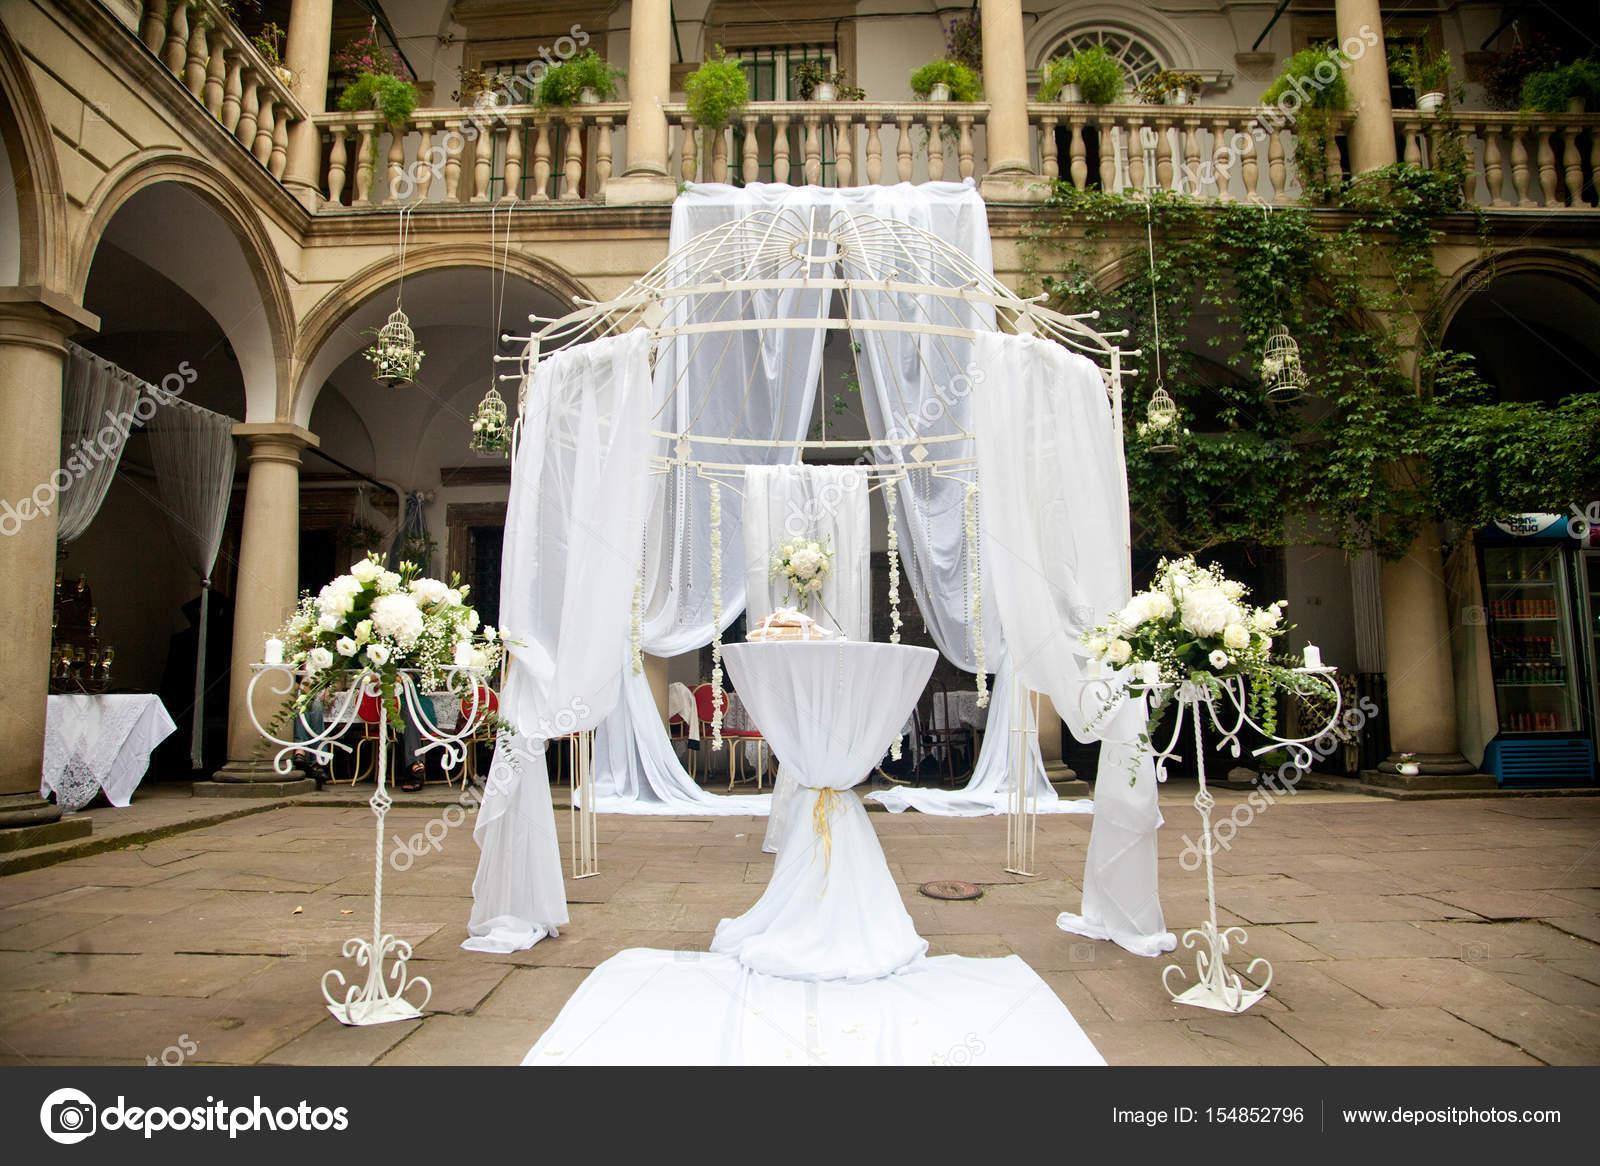 405aae4148 Esküvői oltár készült fehér csipkék áll az olasz bakcyard — Stock ...